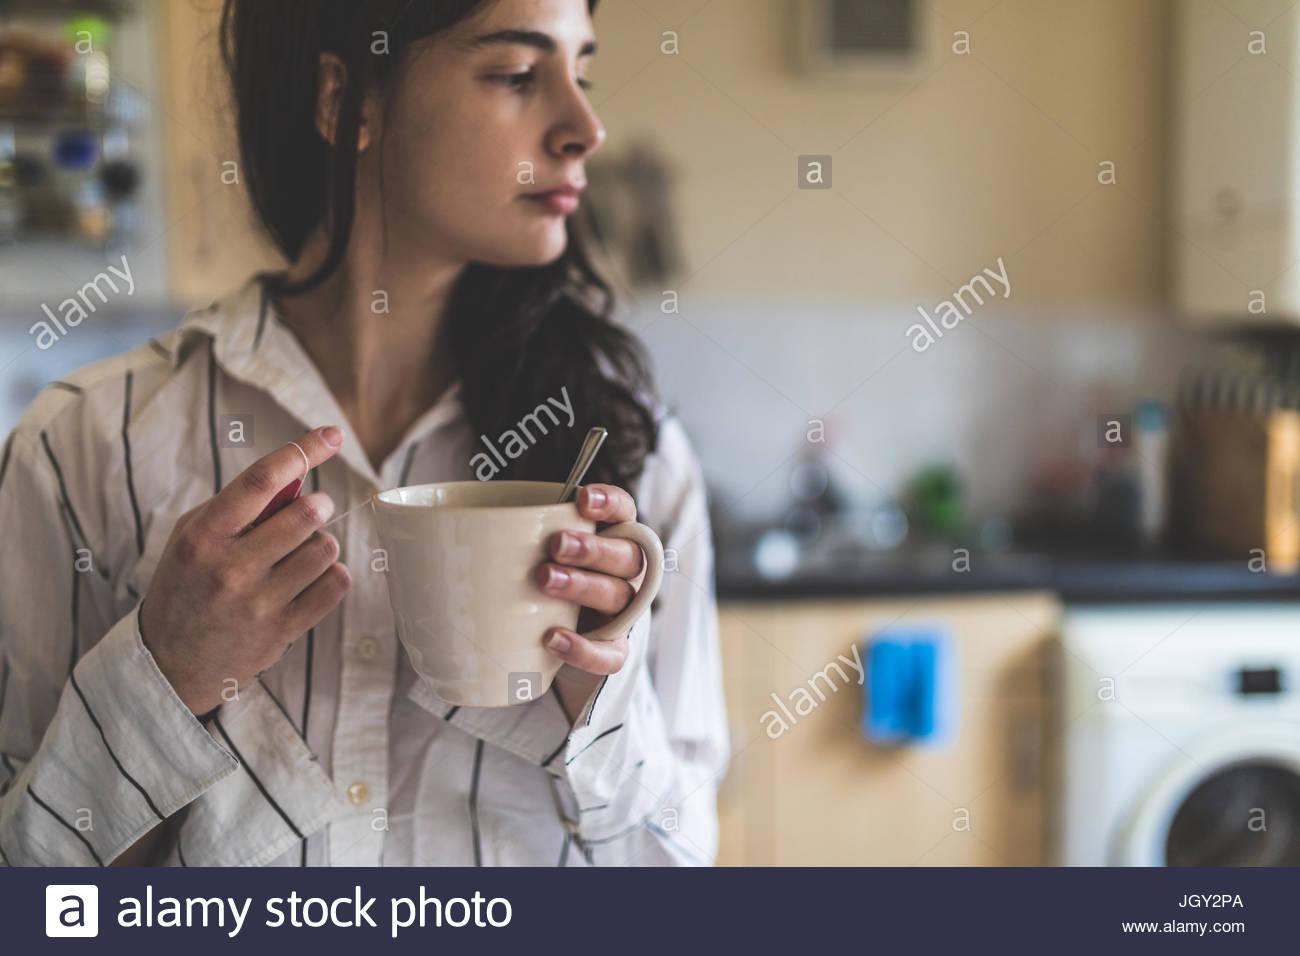 Jeune femme à la maison, porter des pyjamas, holding Coffee cup Photo Stock